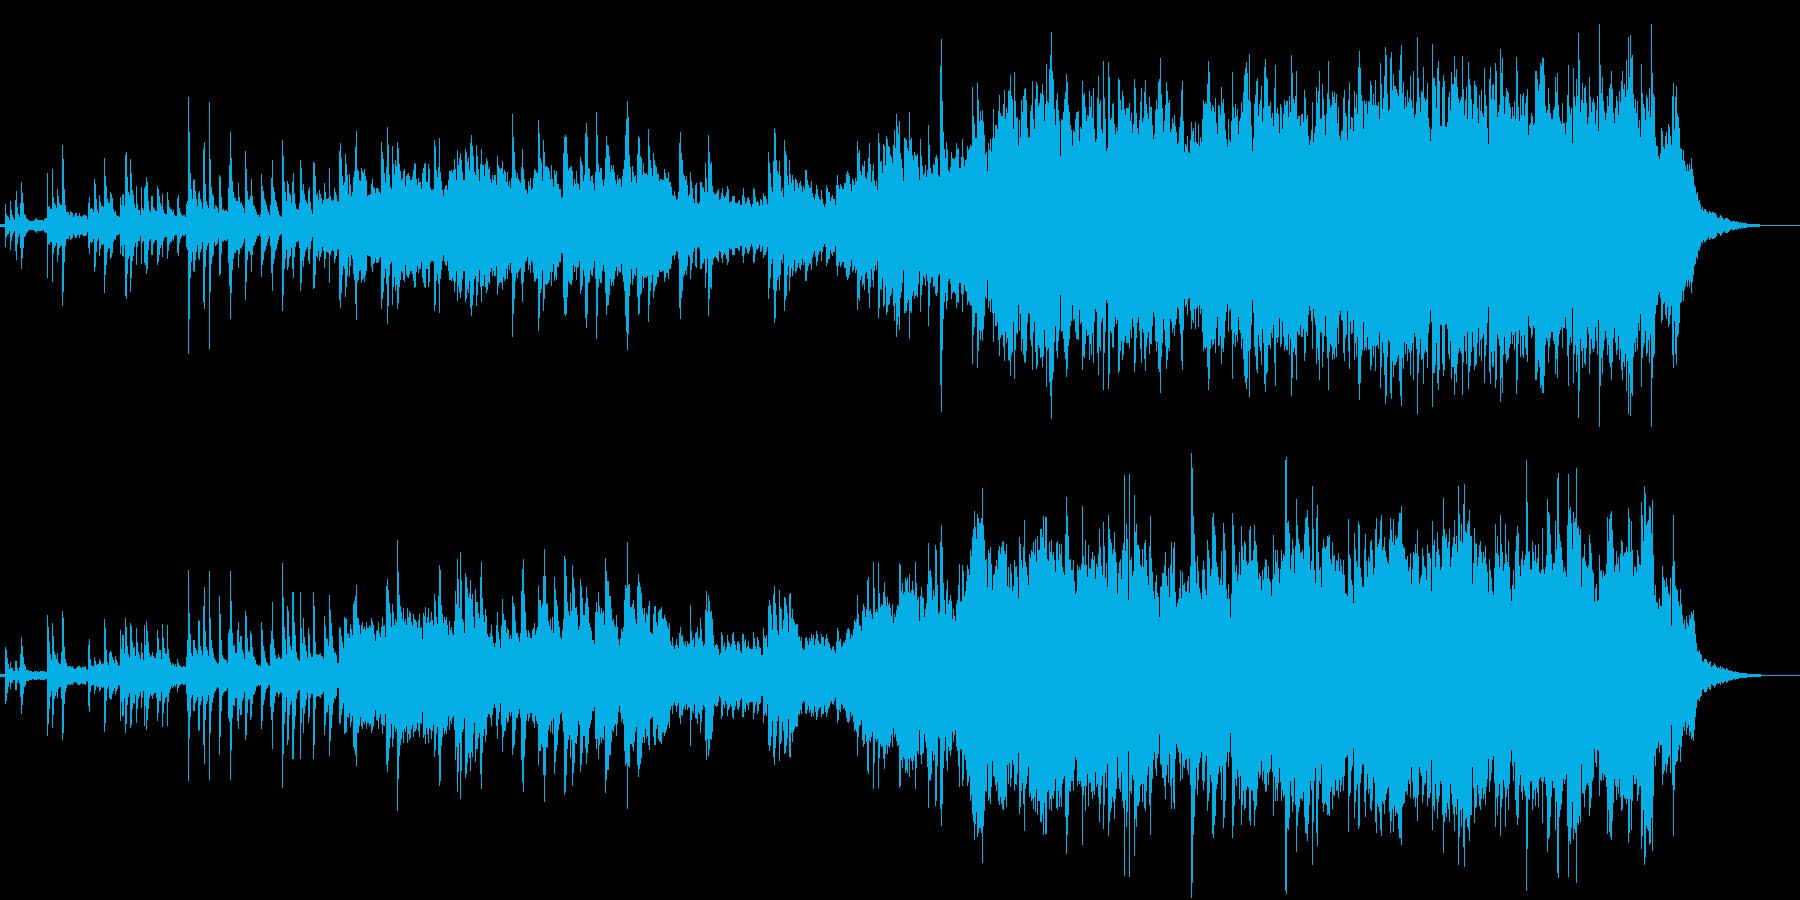 優しく感動的なメロの弦とピアノ曲の再生済みの波形